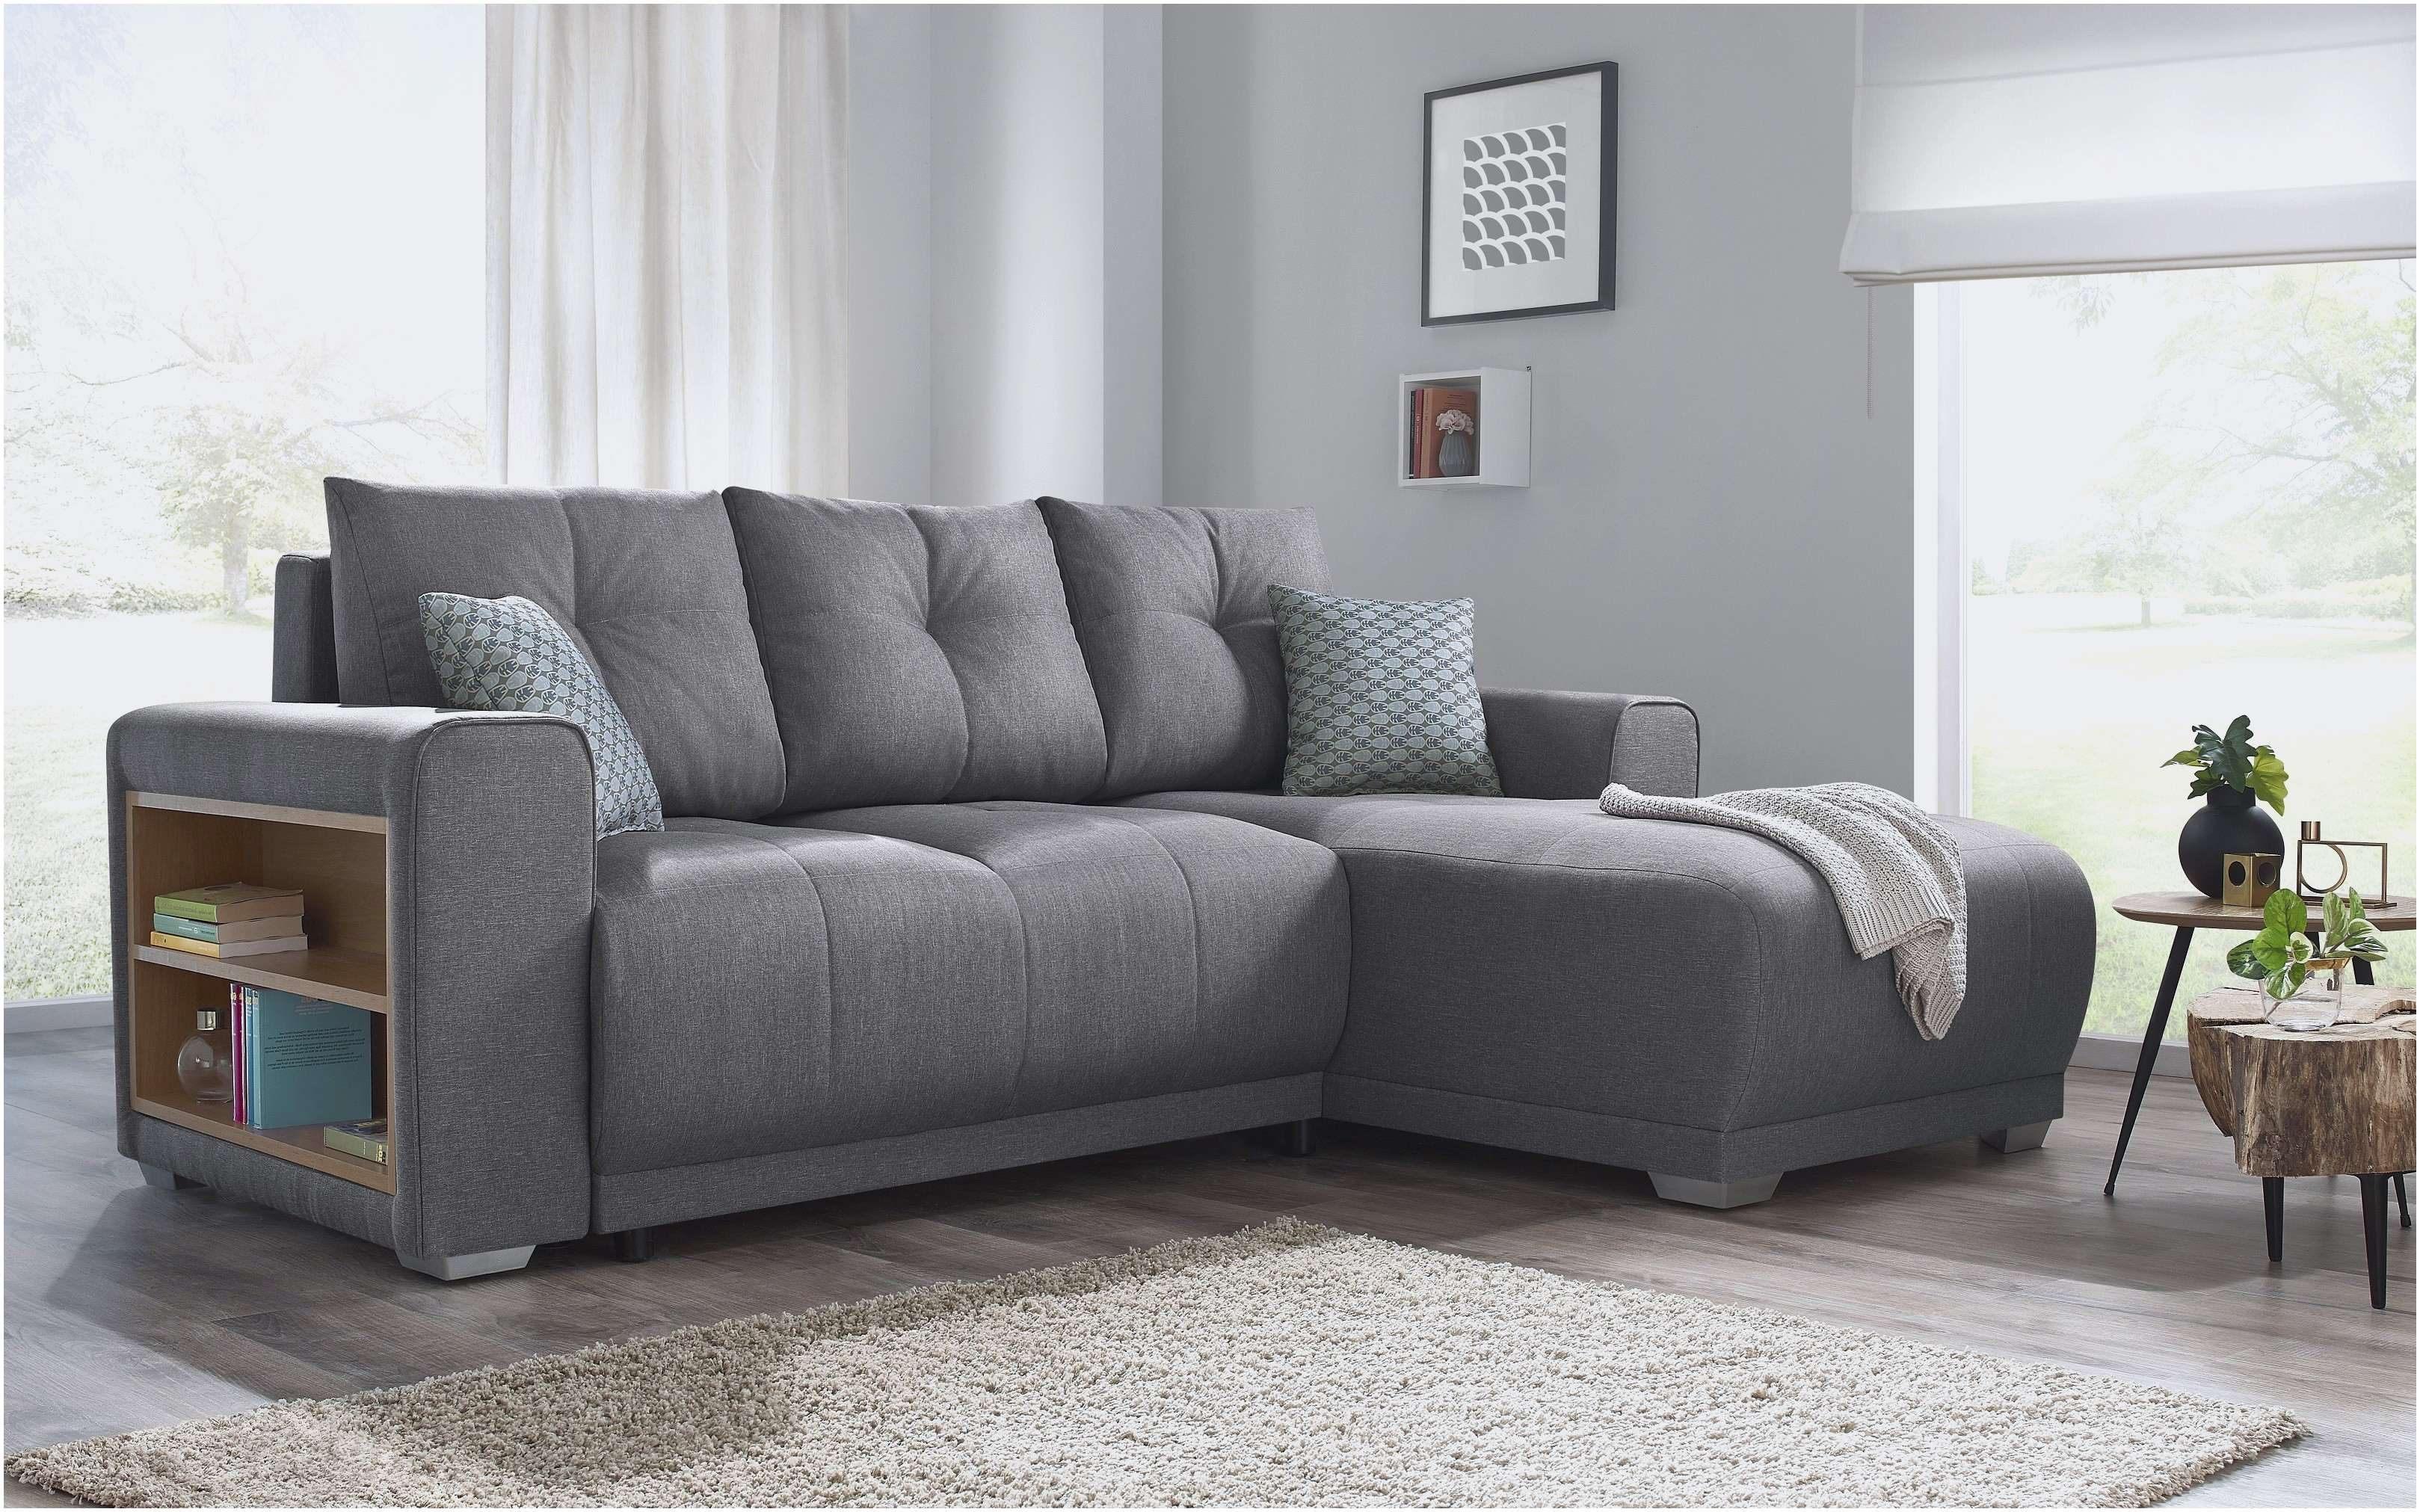 Canapé Lit Convertible Frais Frais Unique Canapé Lit Design Pour Meilleur Canapé Conforama